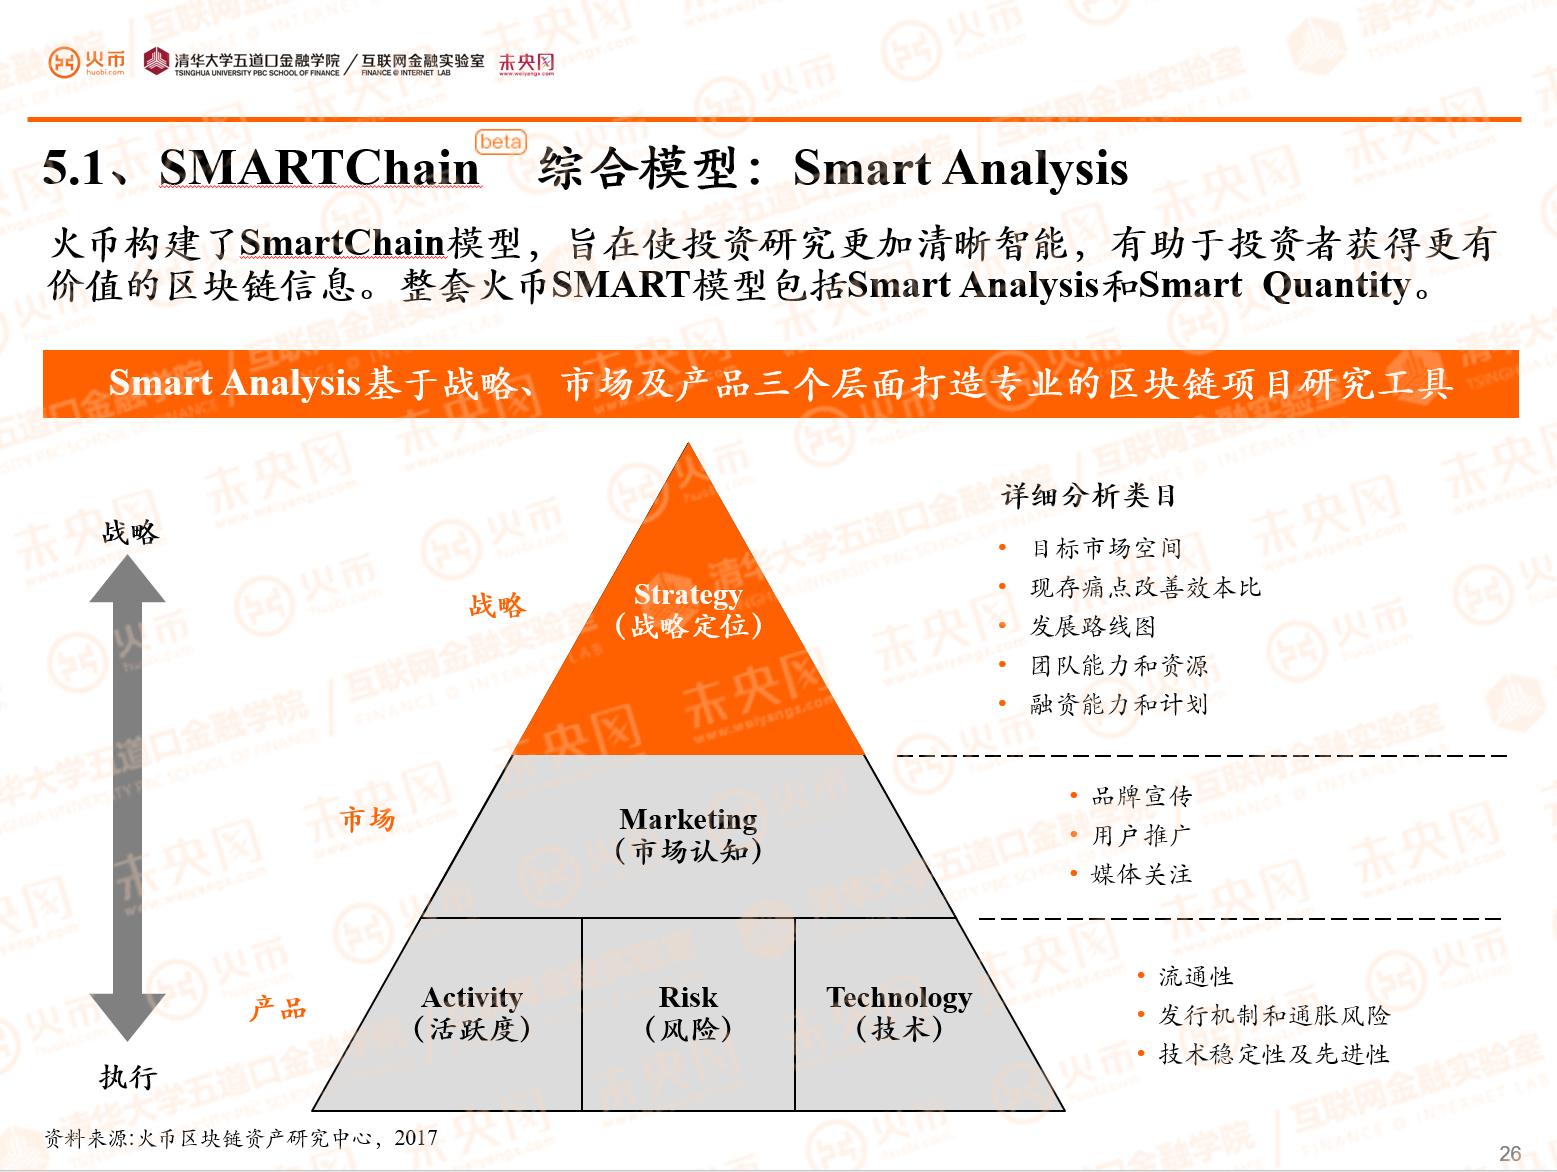 全球首个区块链资产评估模型发布